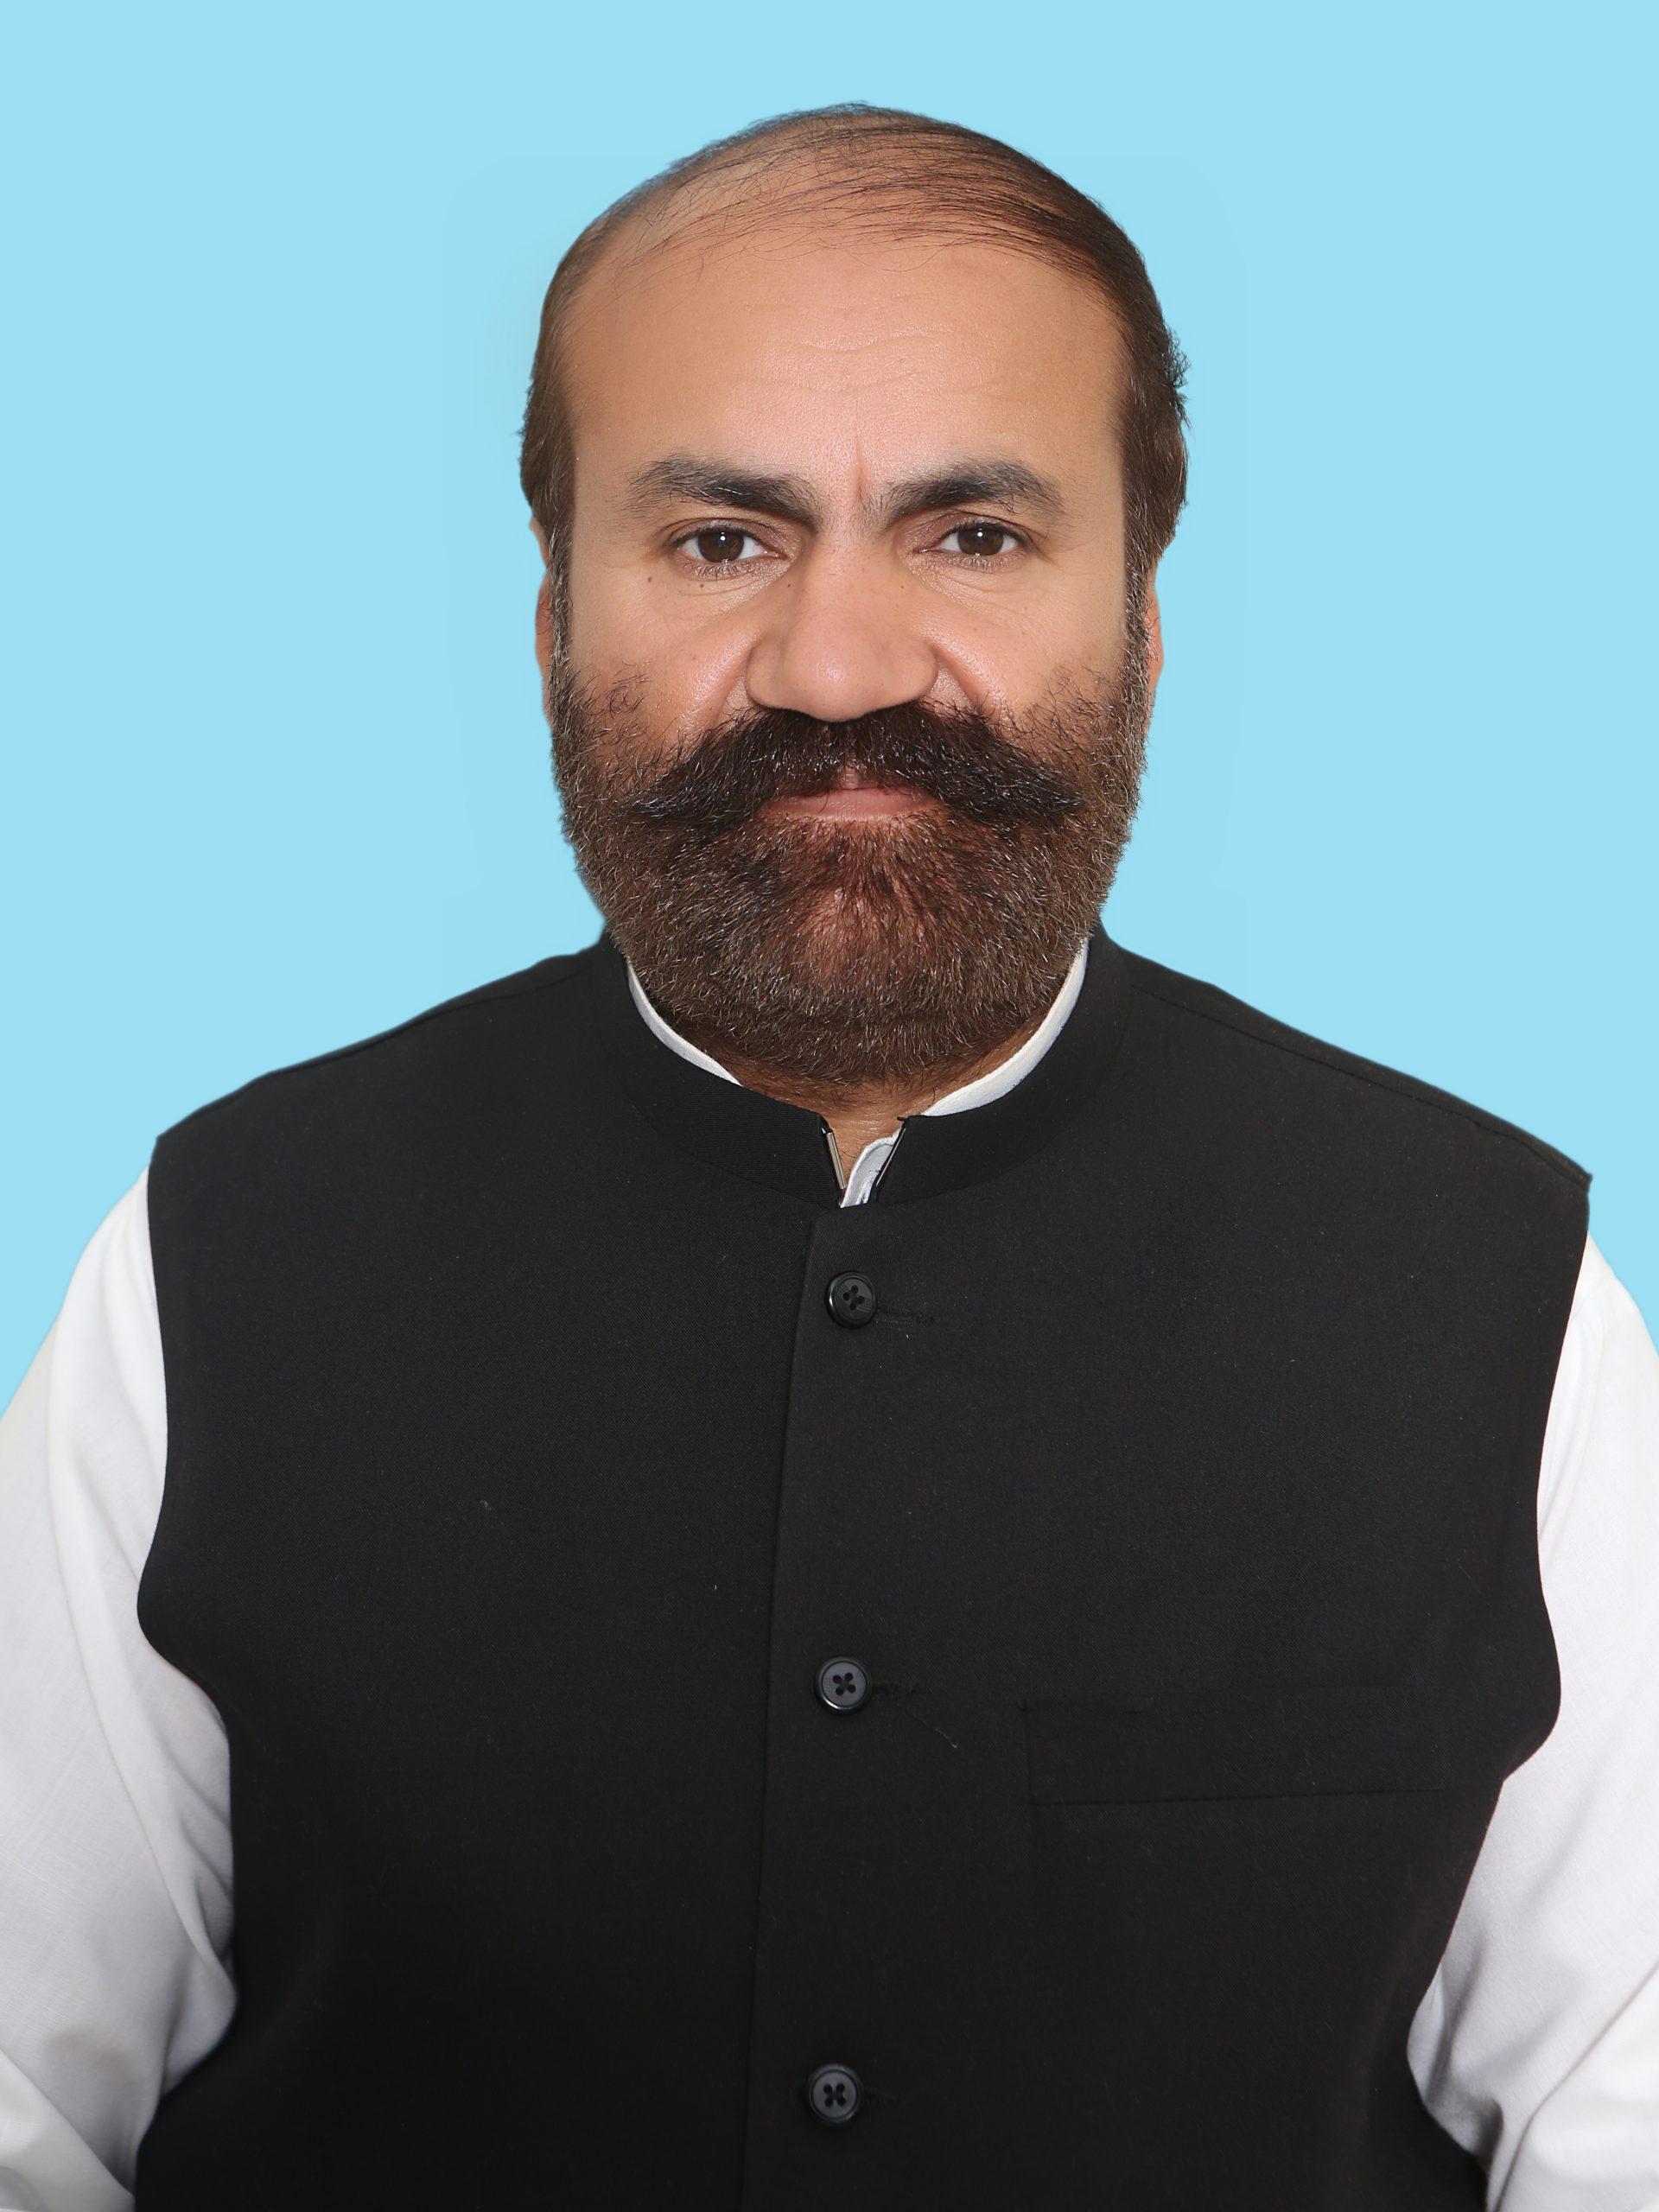 Ahmed Khan Awan